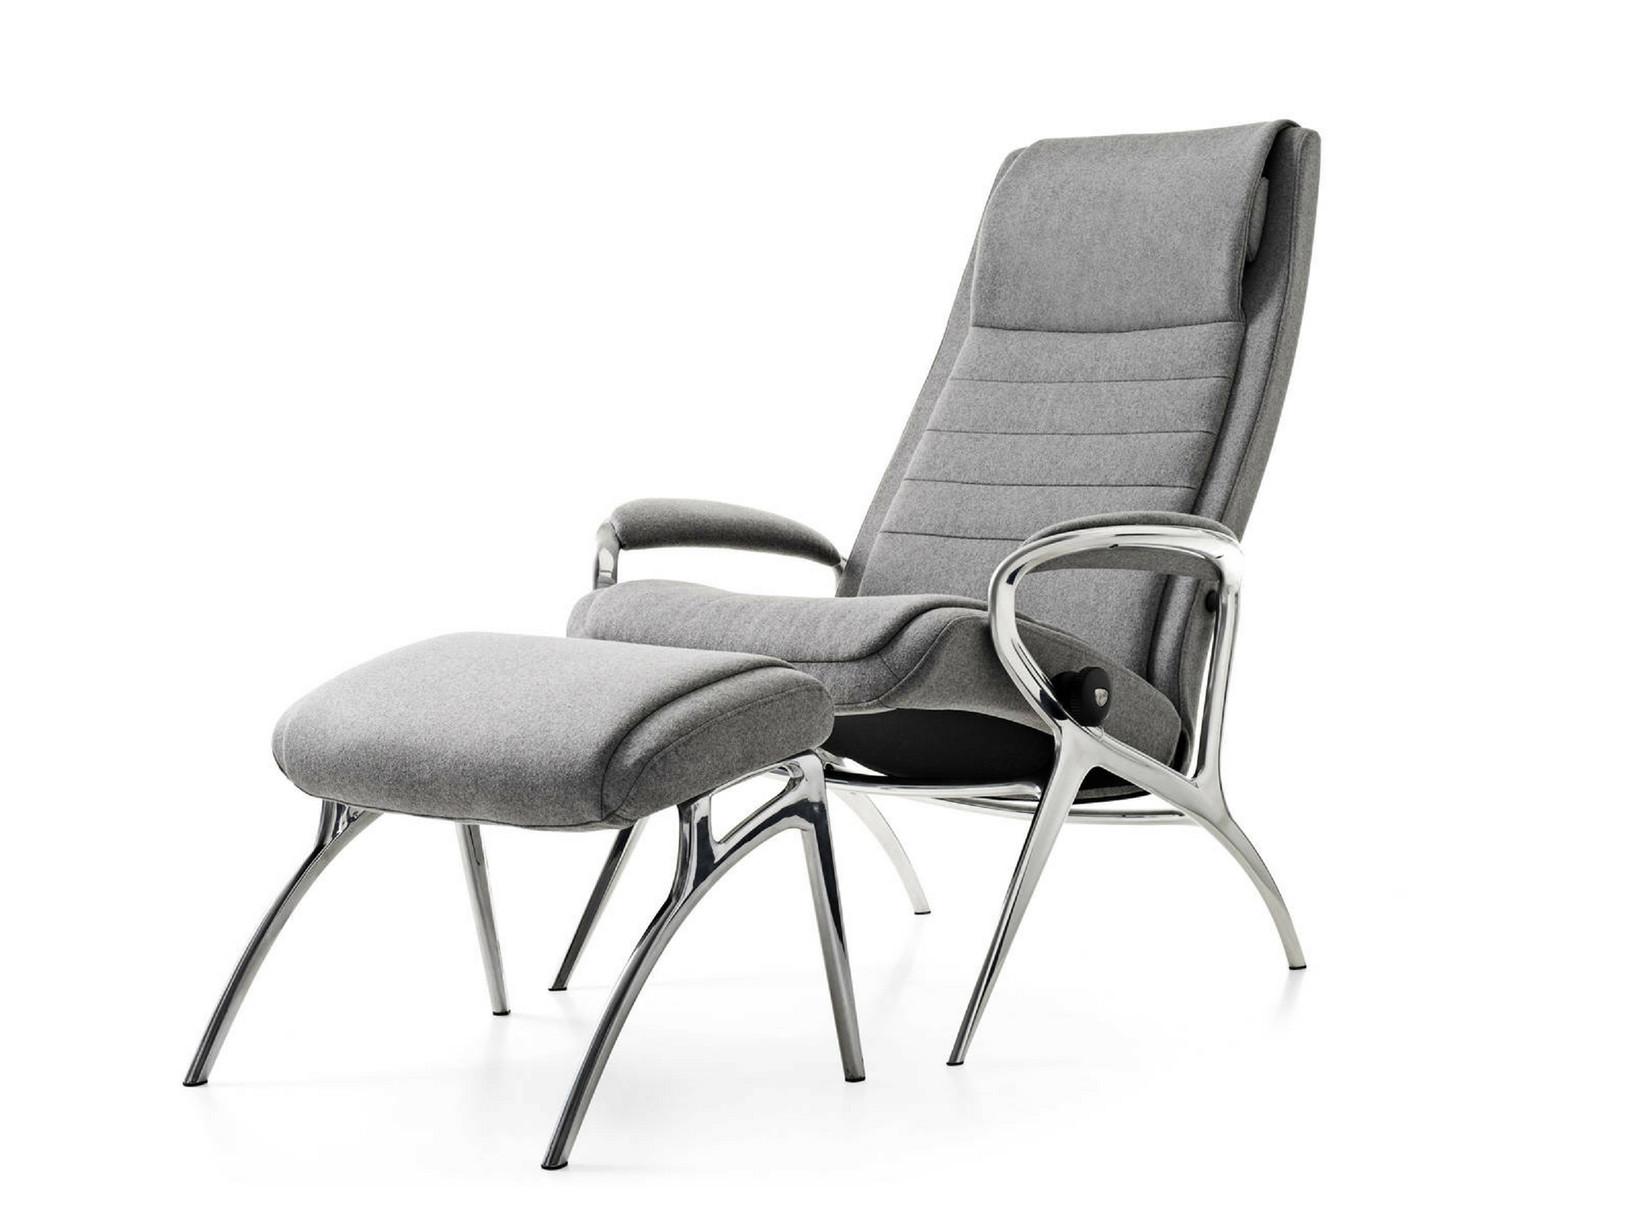 stressless you john l nestol. Black Bedroom Furniture Sets. Home Design Ideas